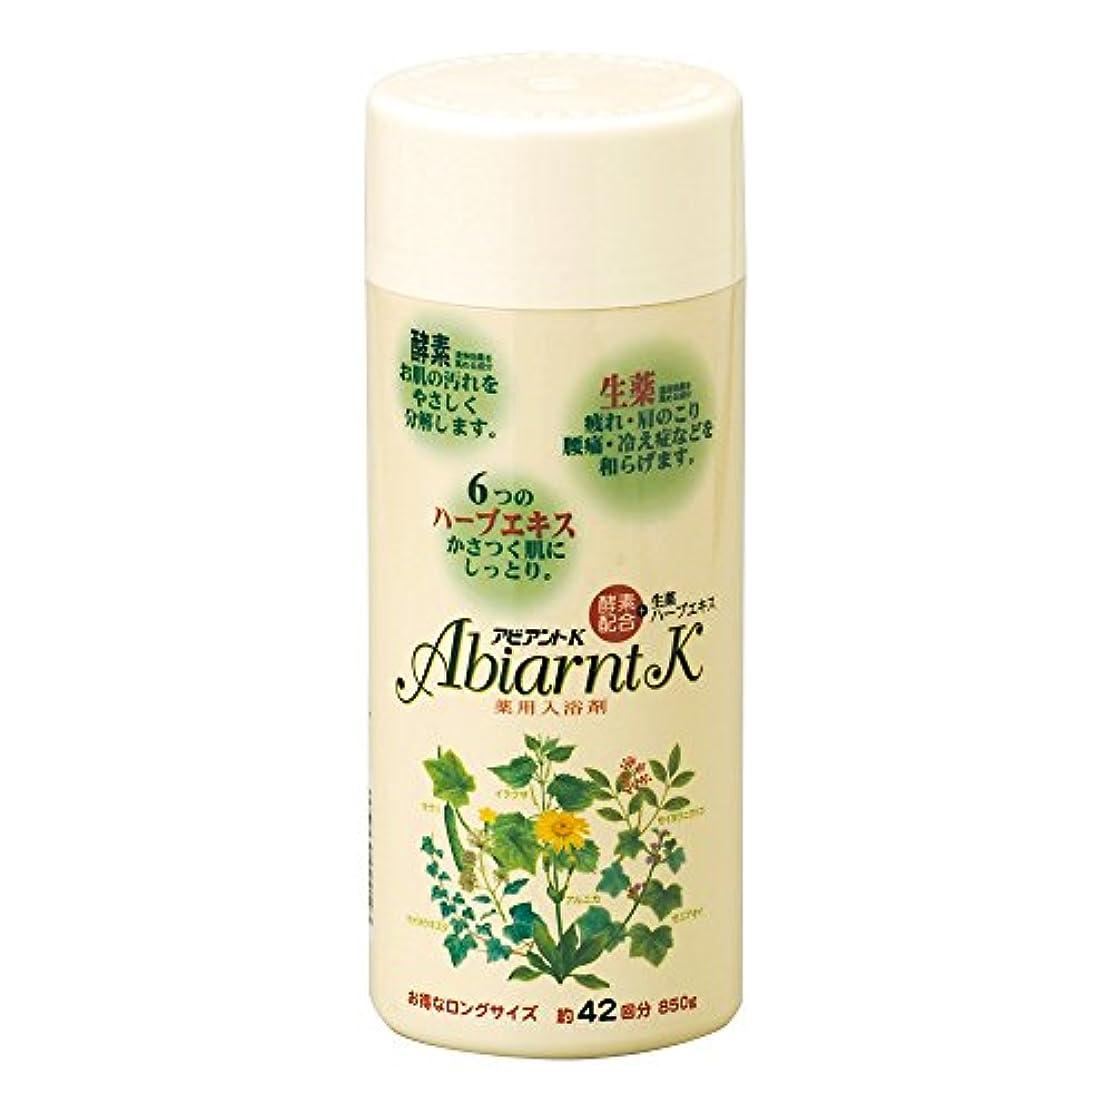 フックもっと少なく霜祐徳薬品工業 薬用入浴剤 アビアントK 850g (医薬部外品)